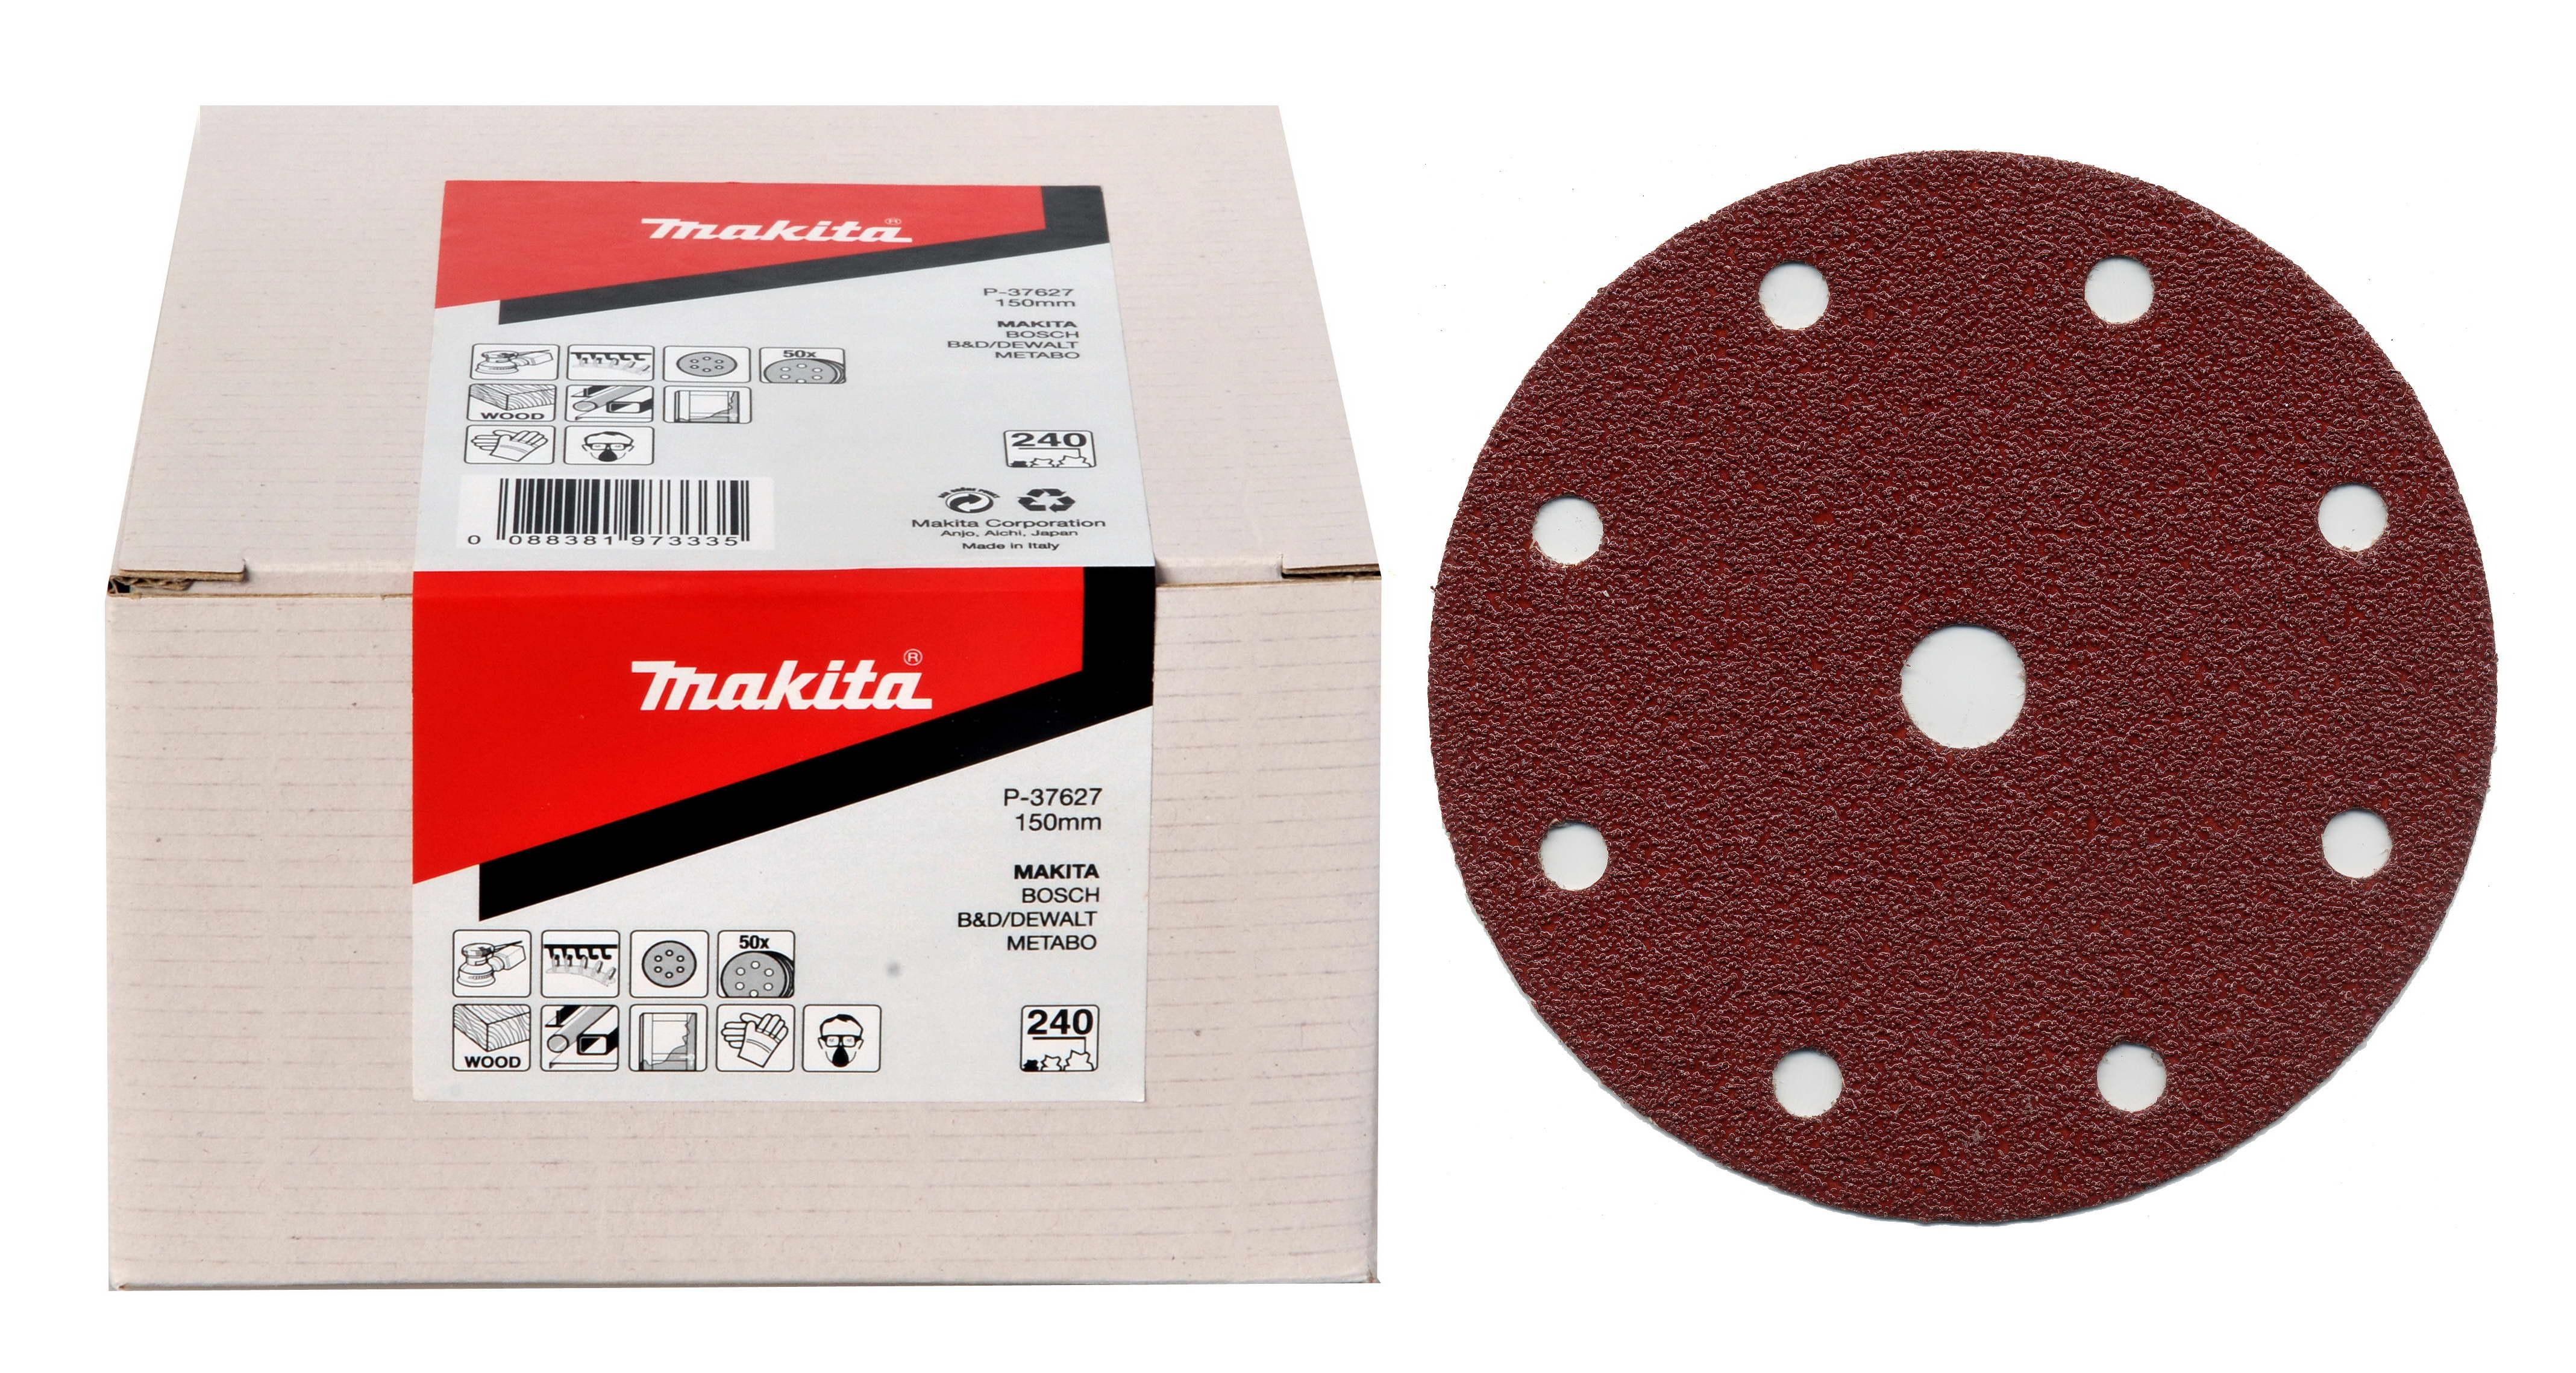 Makita P-37605 brus.pap150mm6otK120 50ksBO6030,40